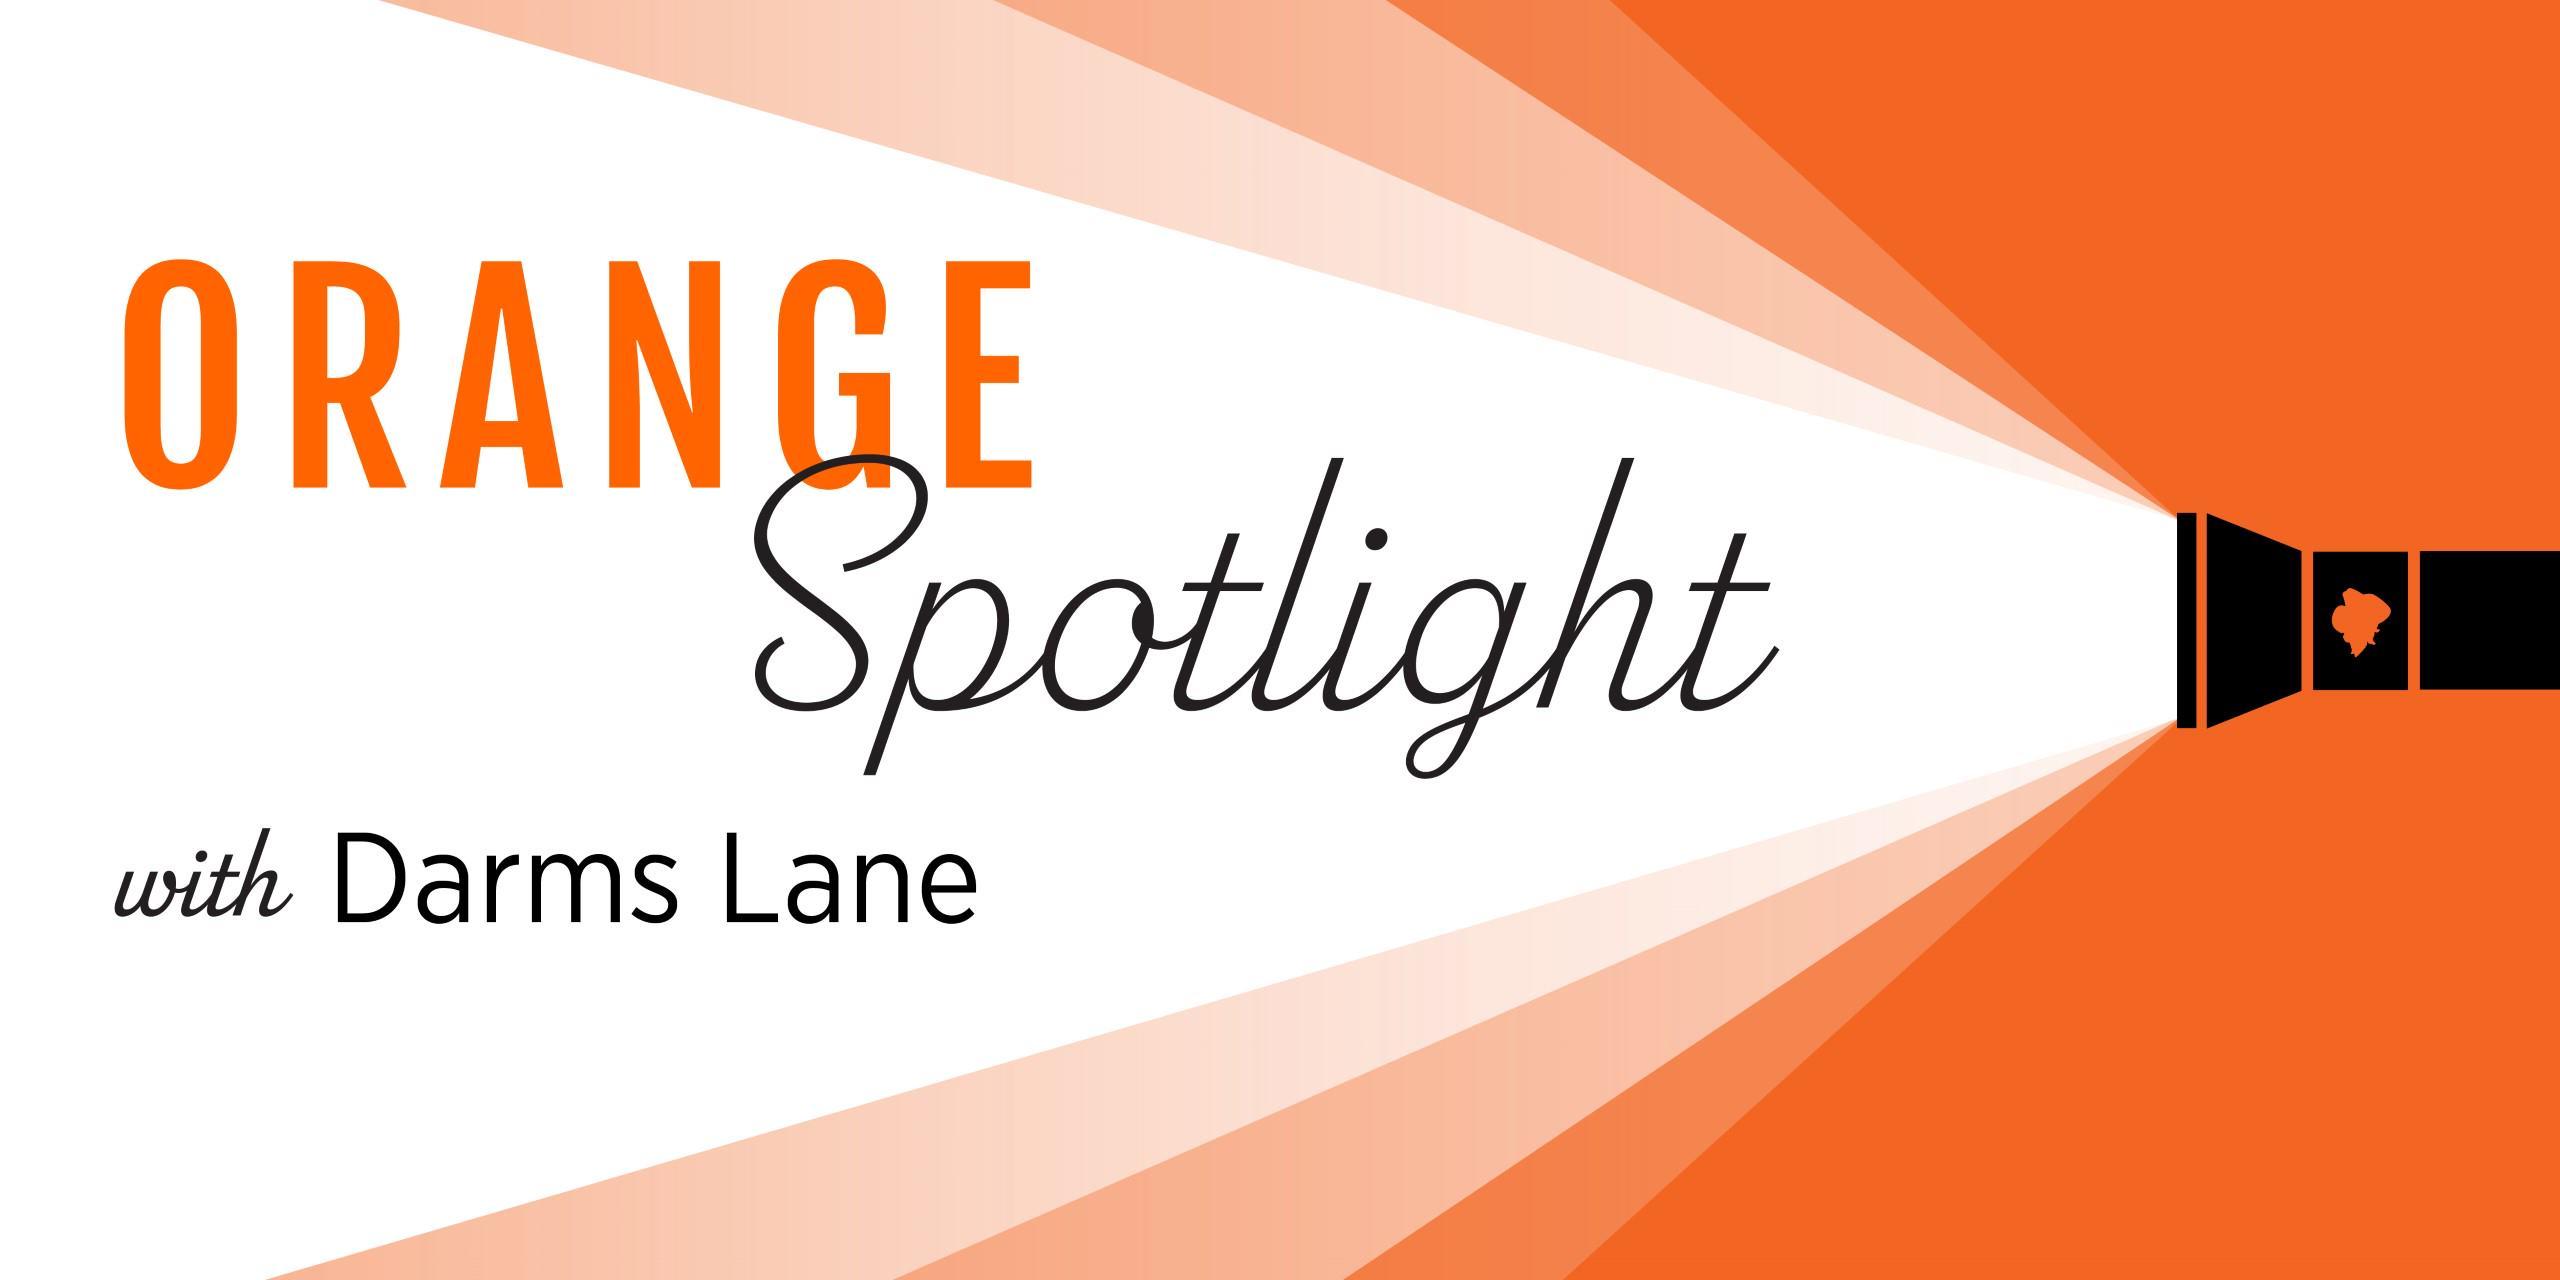 Image for Orange Spotlight: Darms Lane webinar